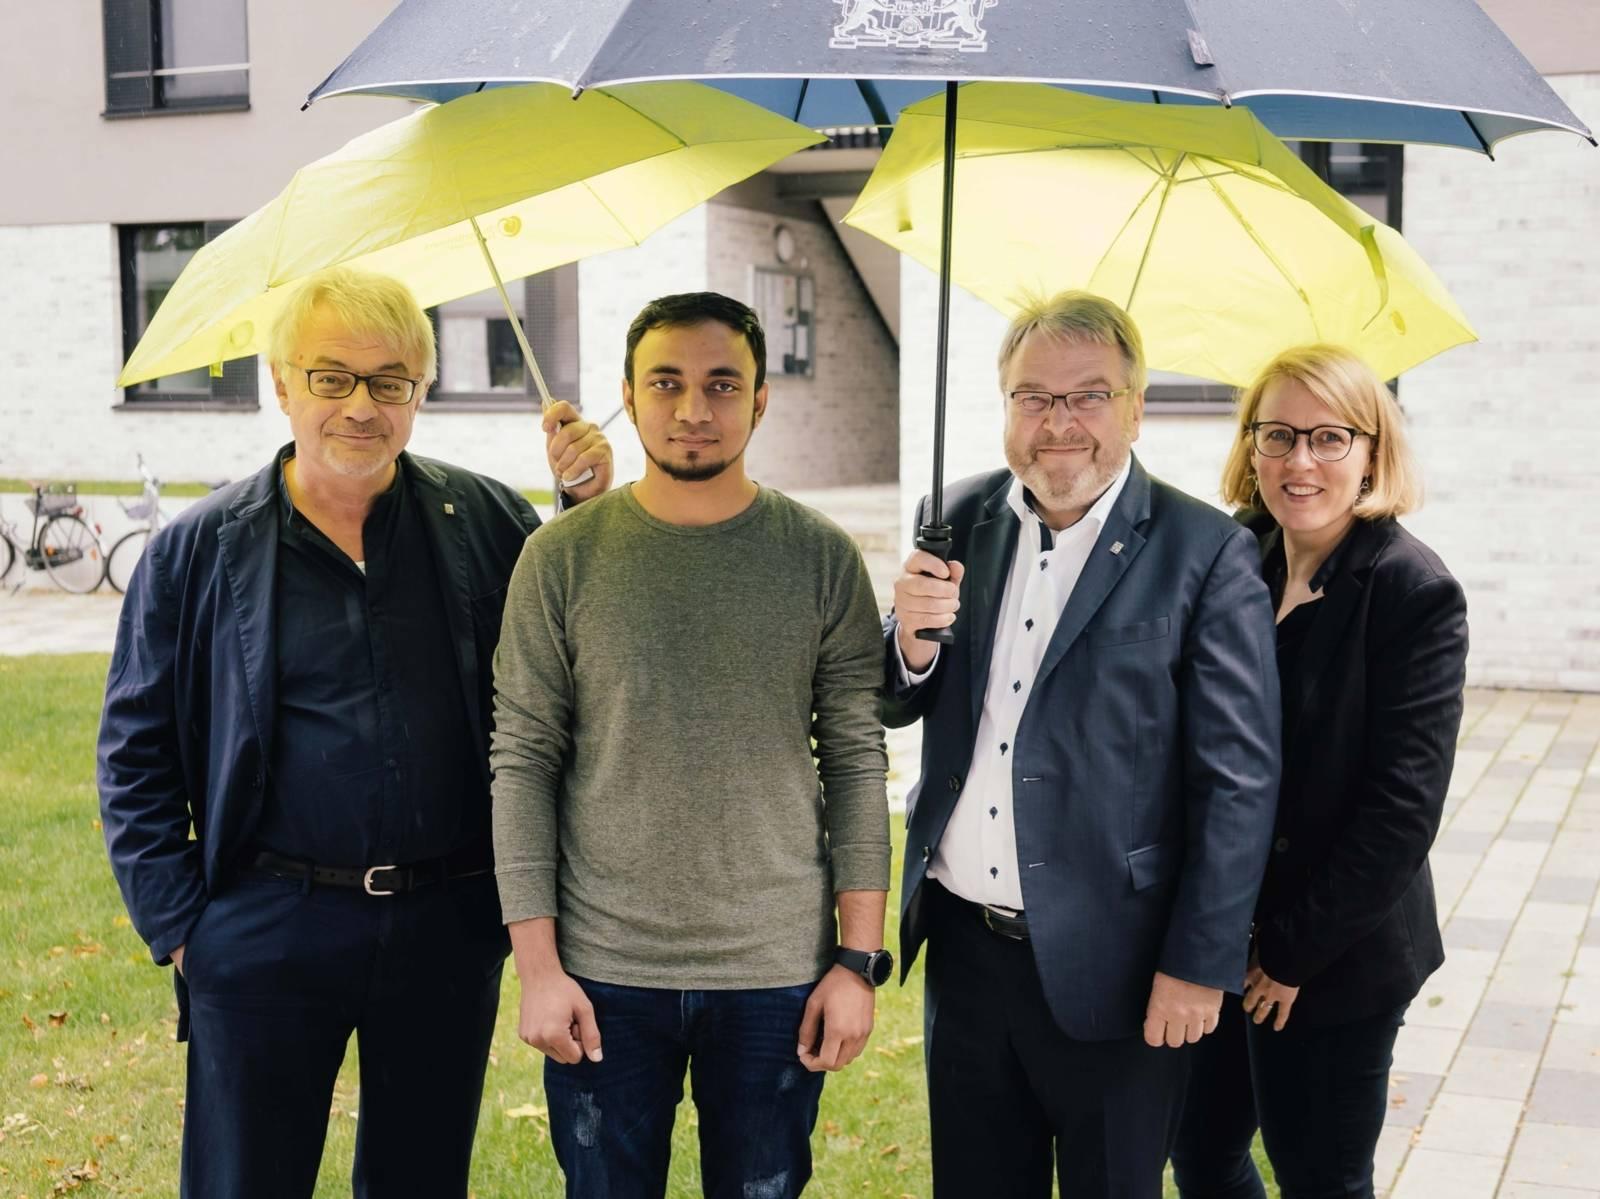 Drei Männer und eine Frau unter Regenschirmen.